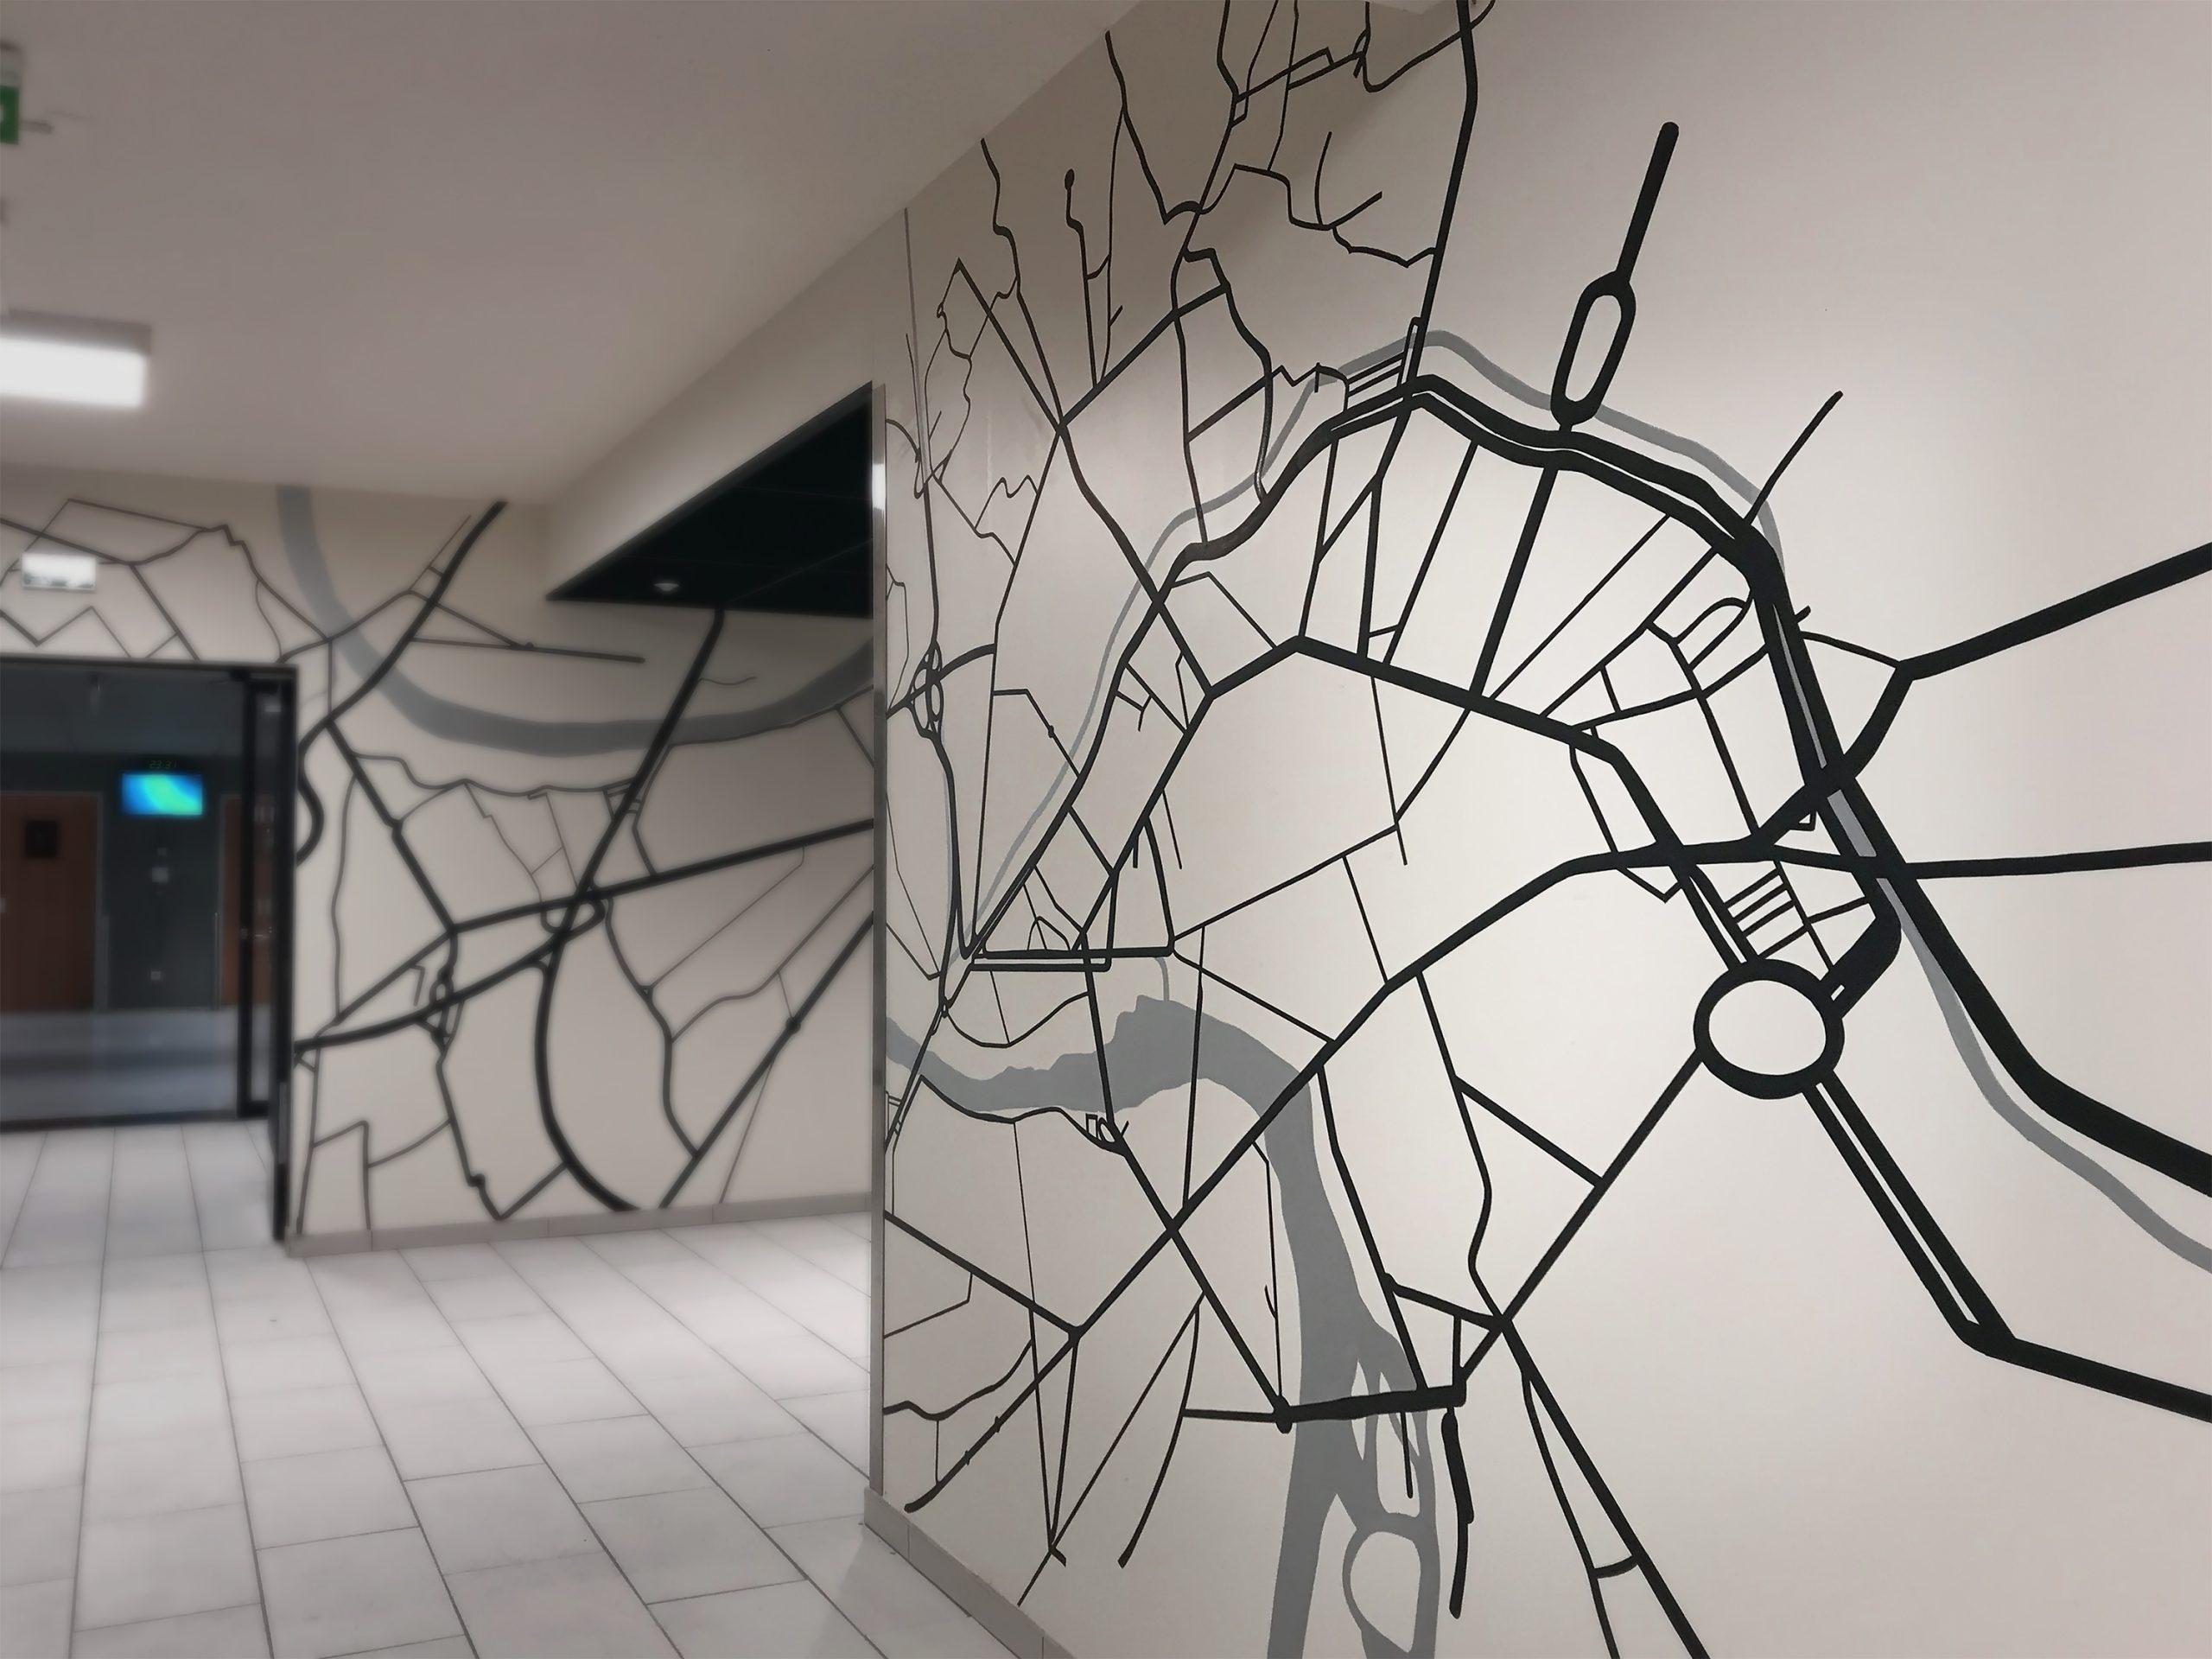 lines-map-decor-graphique-design-mural